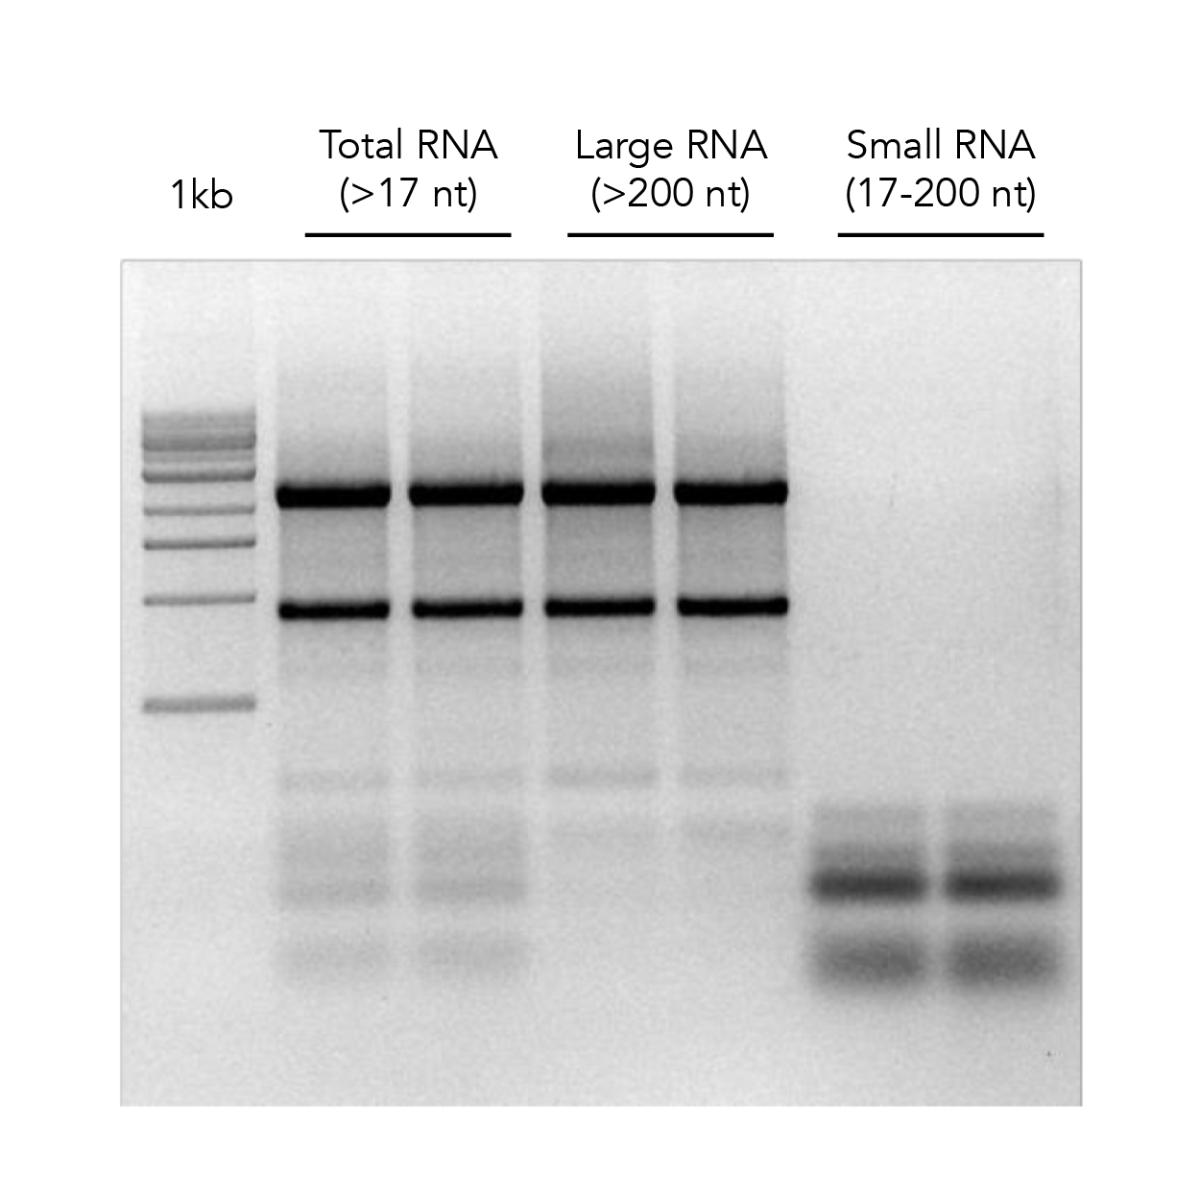 RNA gel electrophoresis